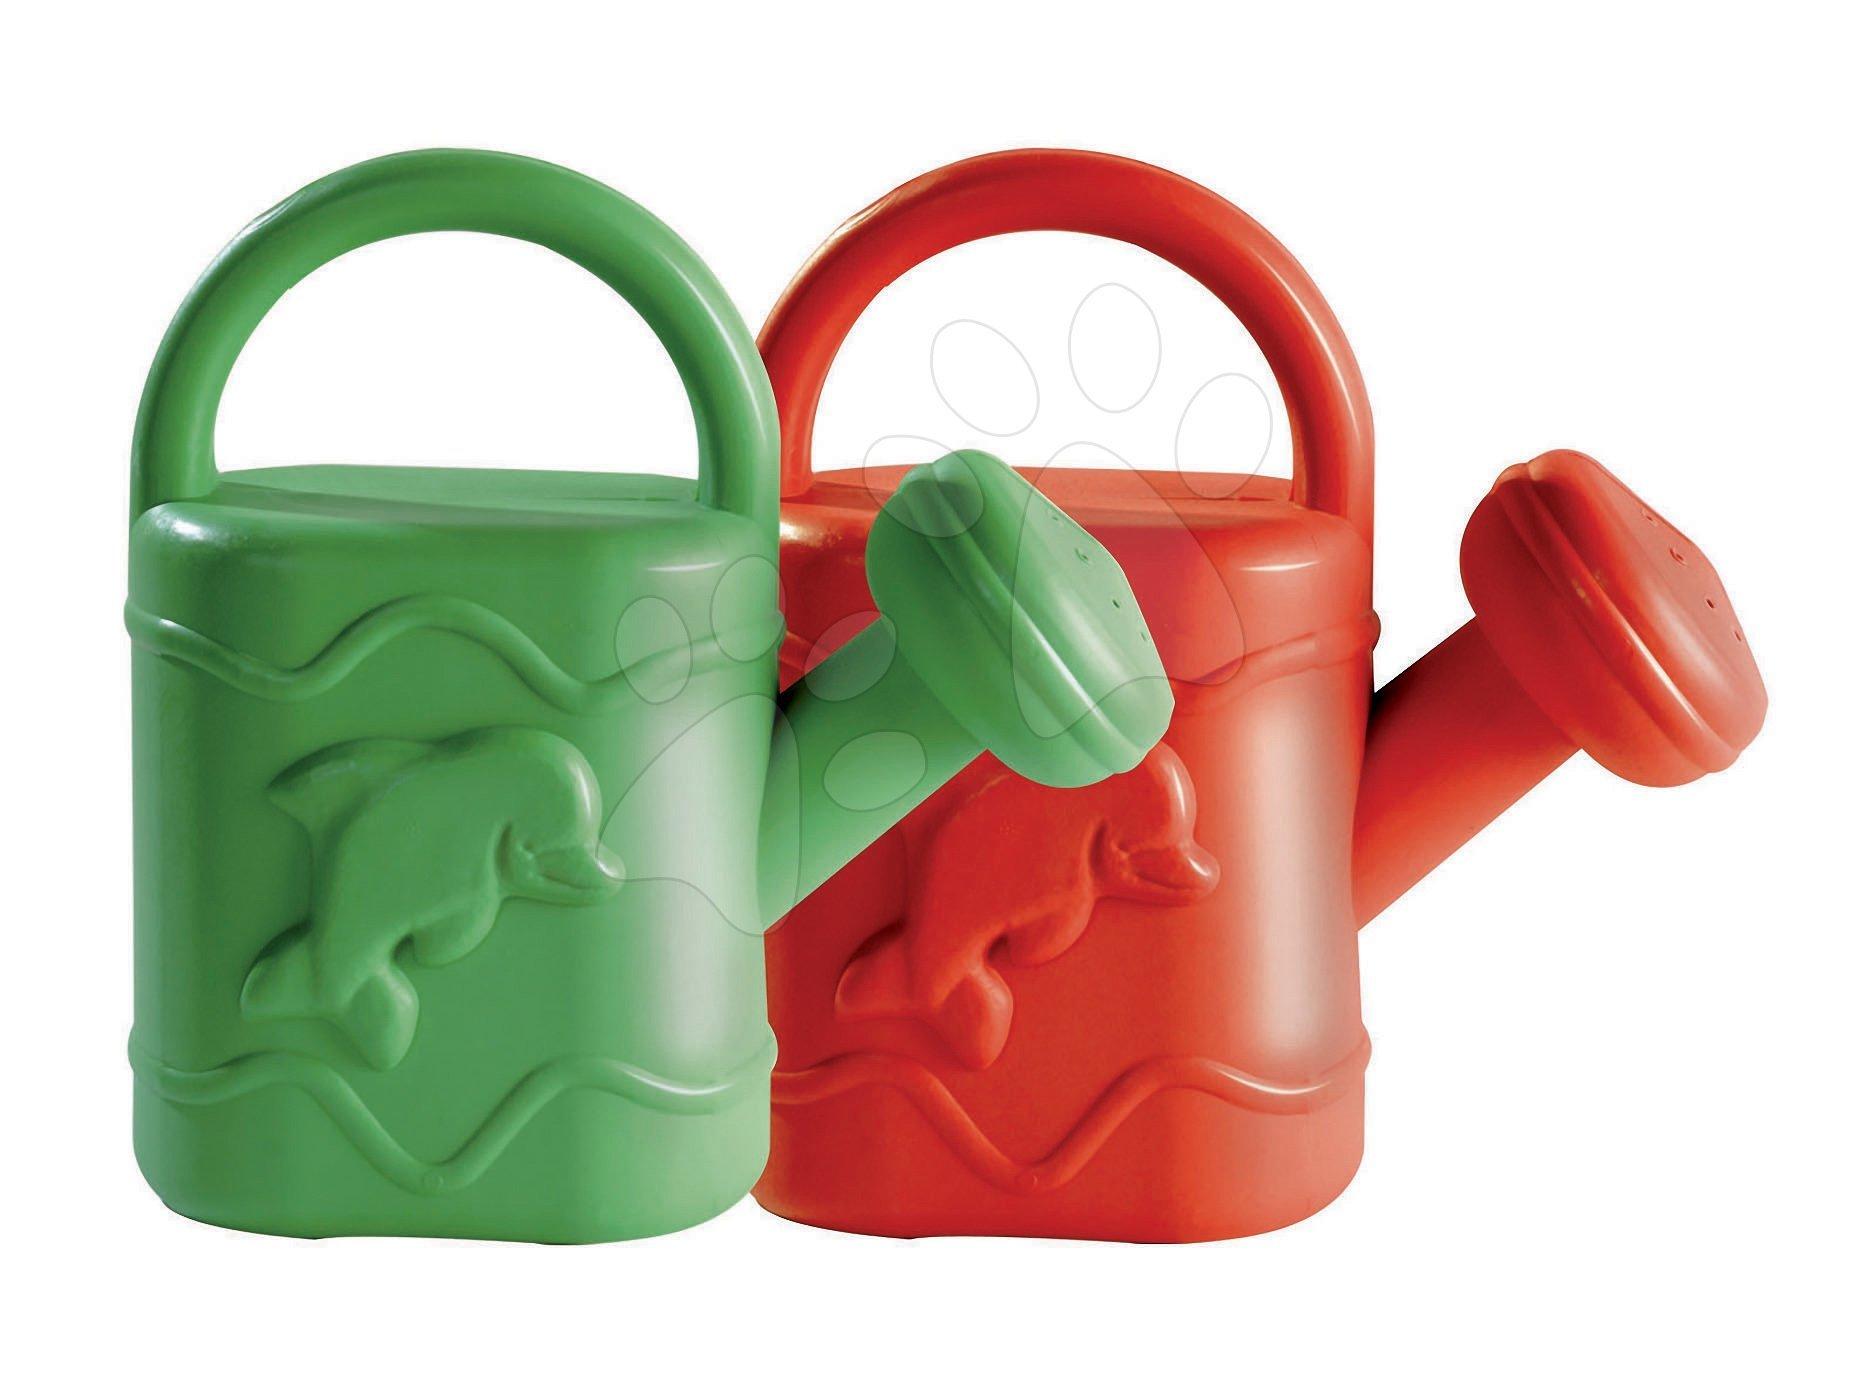 Krhličky - Krhlička Dohány stredná veľkosť (objem 1,5 litra) červená/zelená